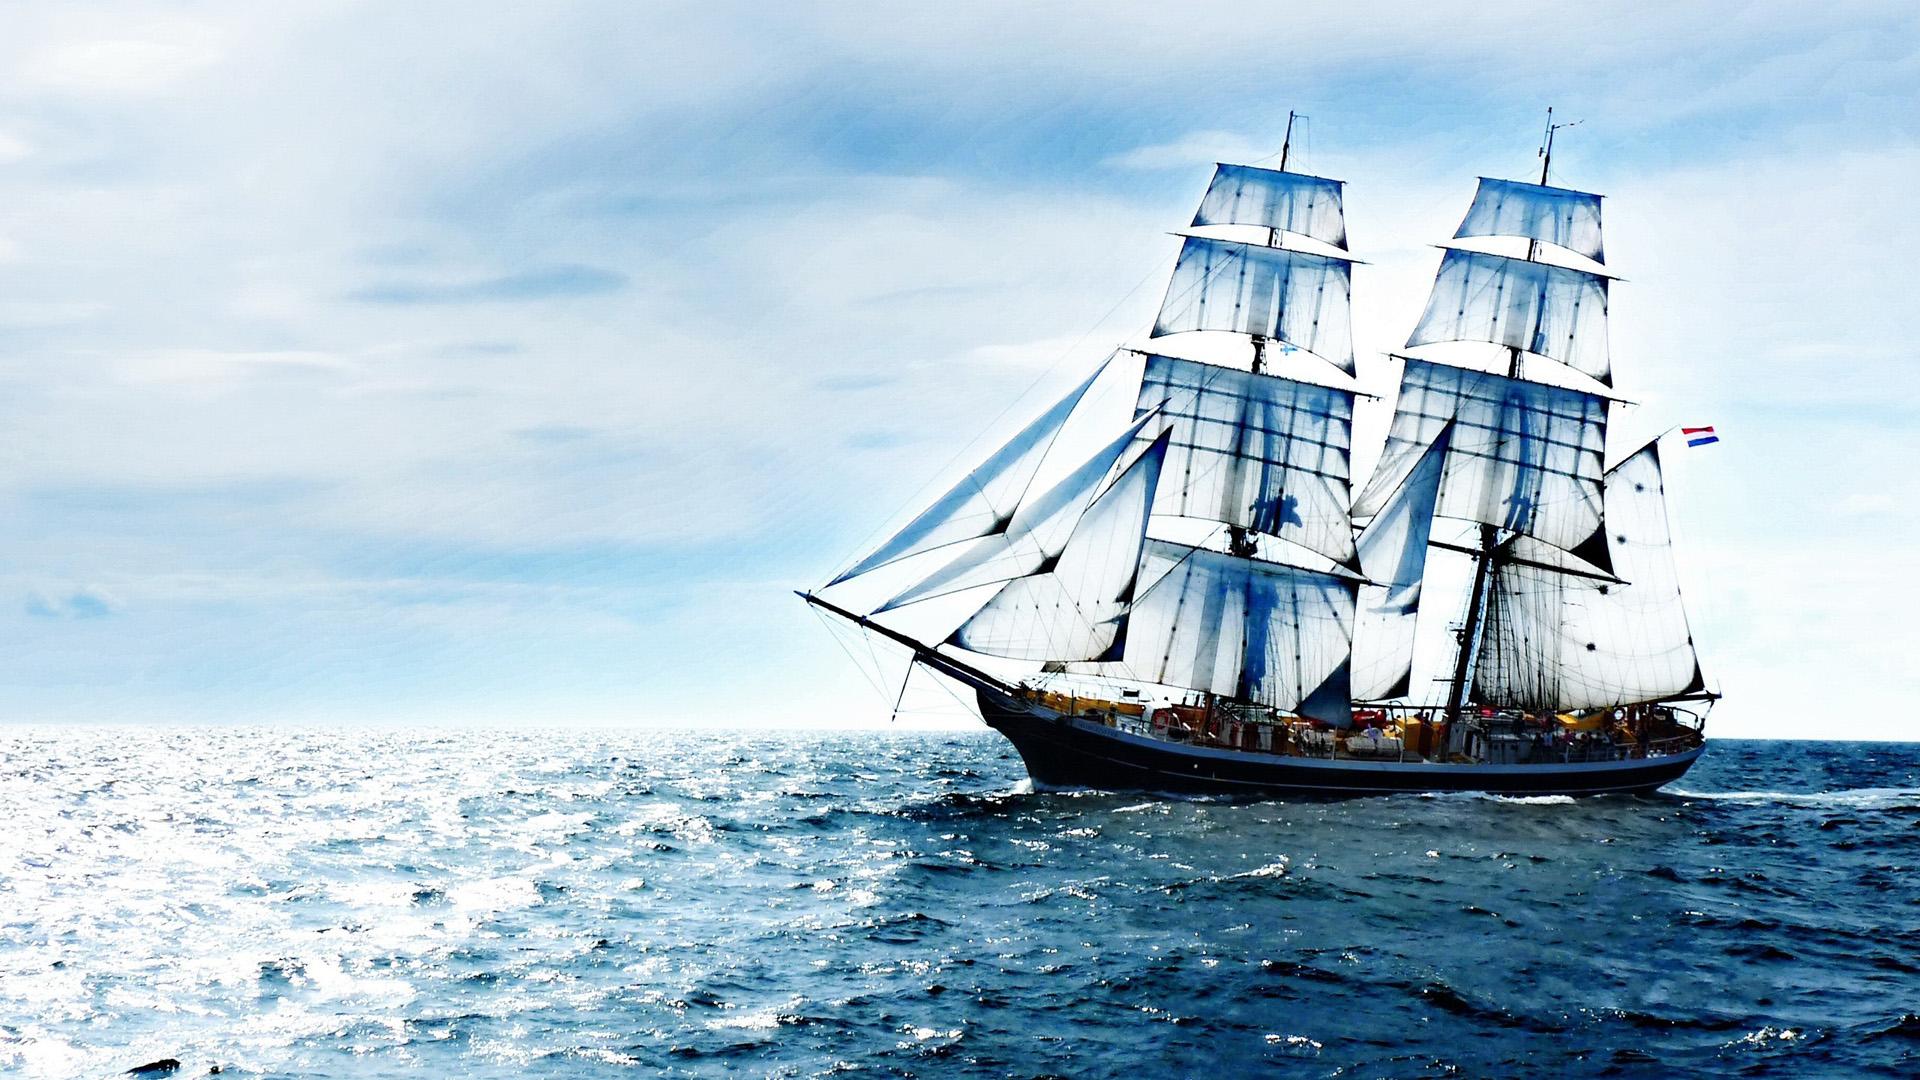 Яхта на море красивые картинки и обои в лучшем качестве (8)